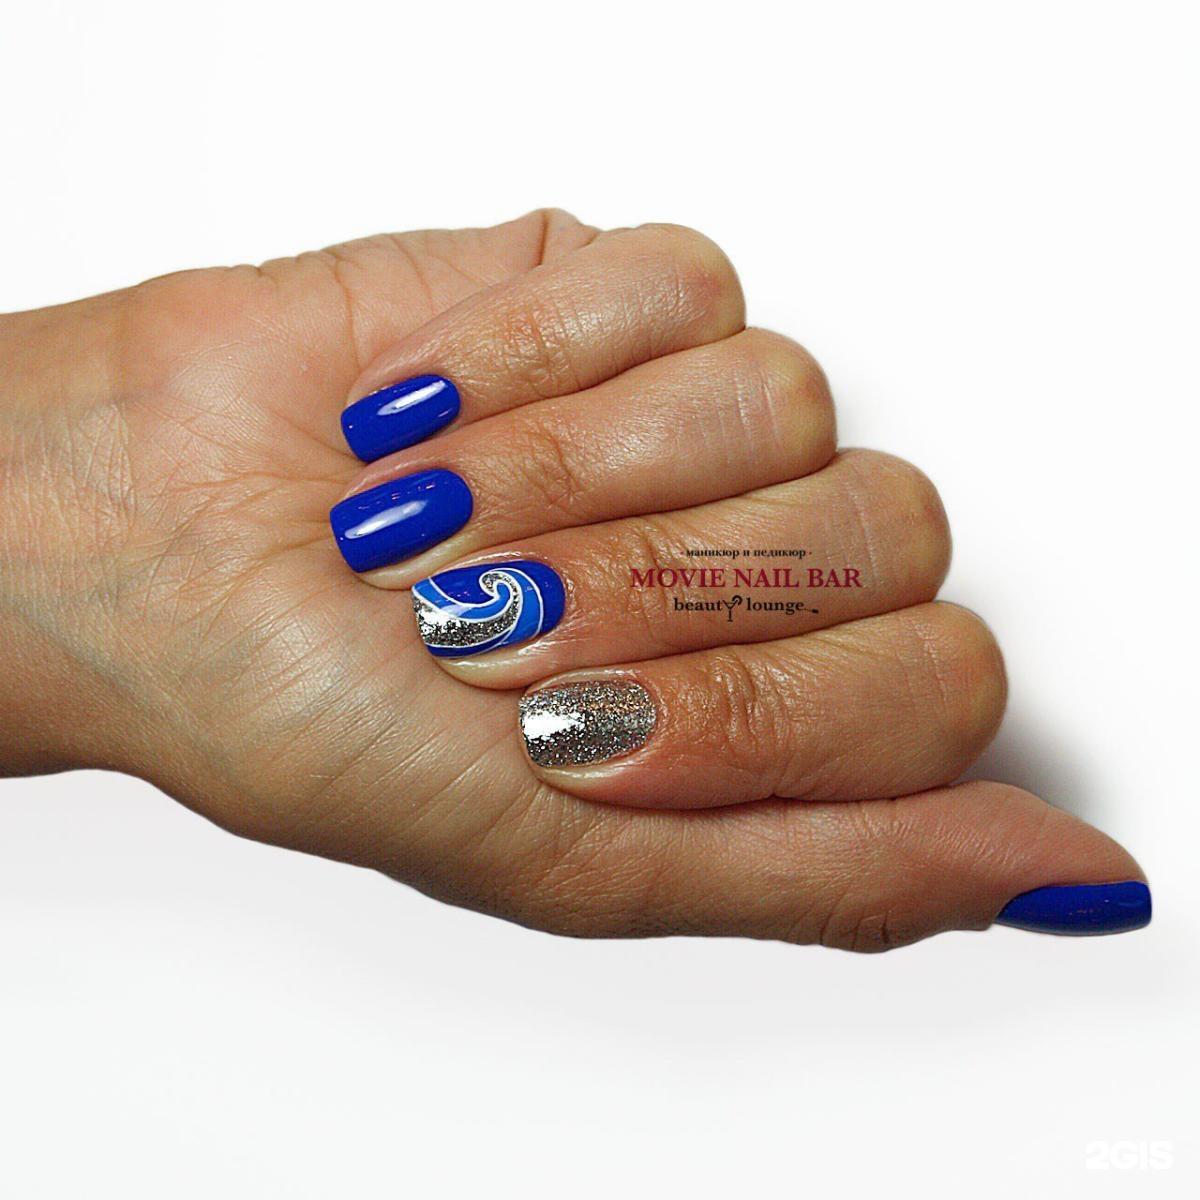 Маникюр movie nail bar